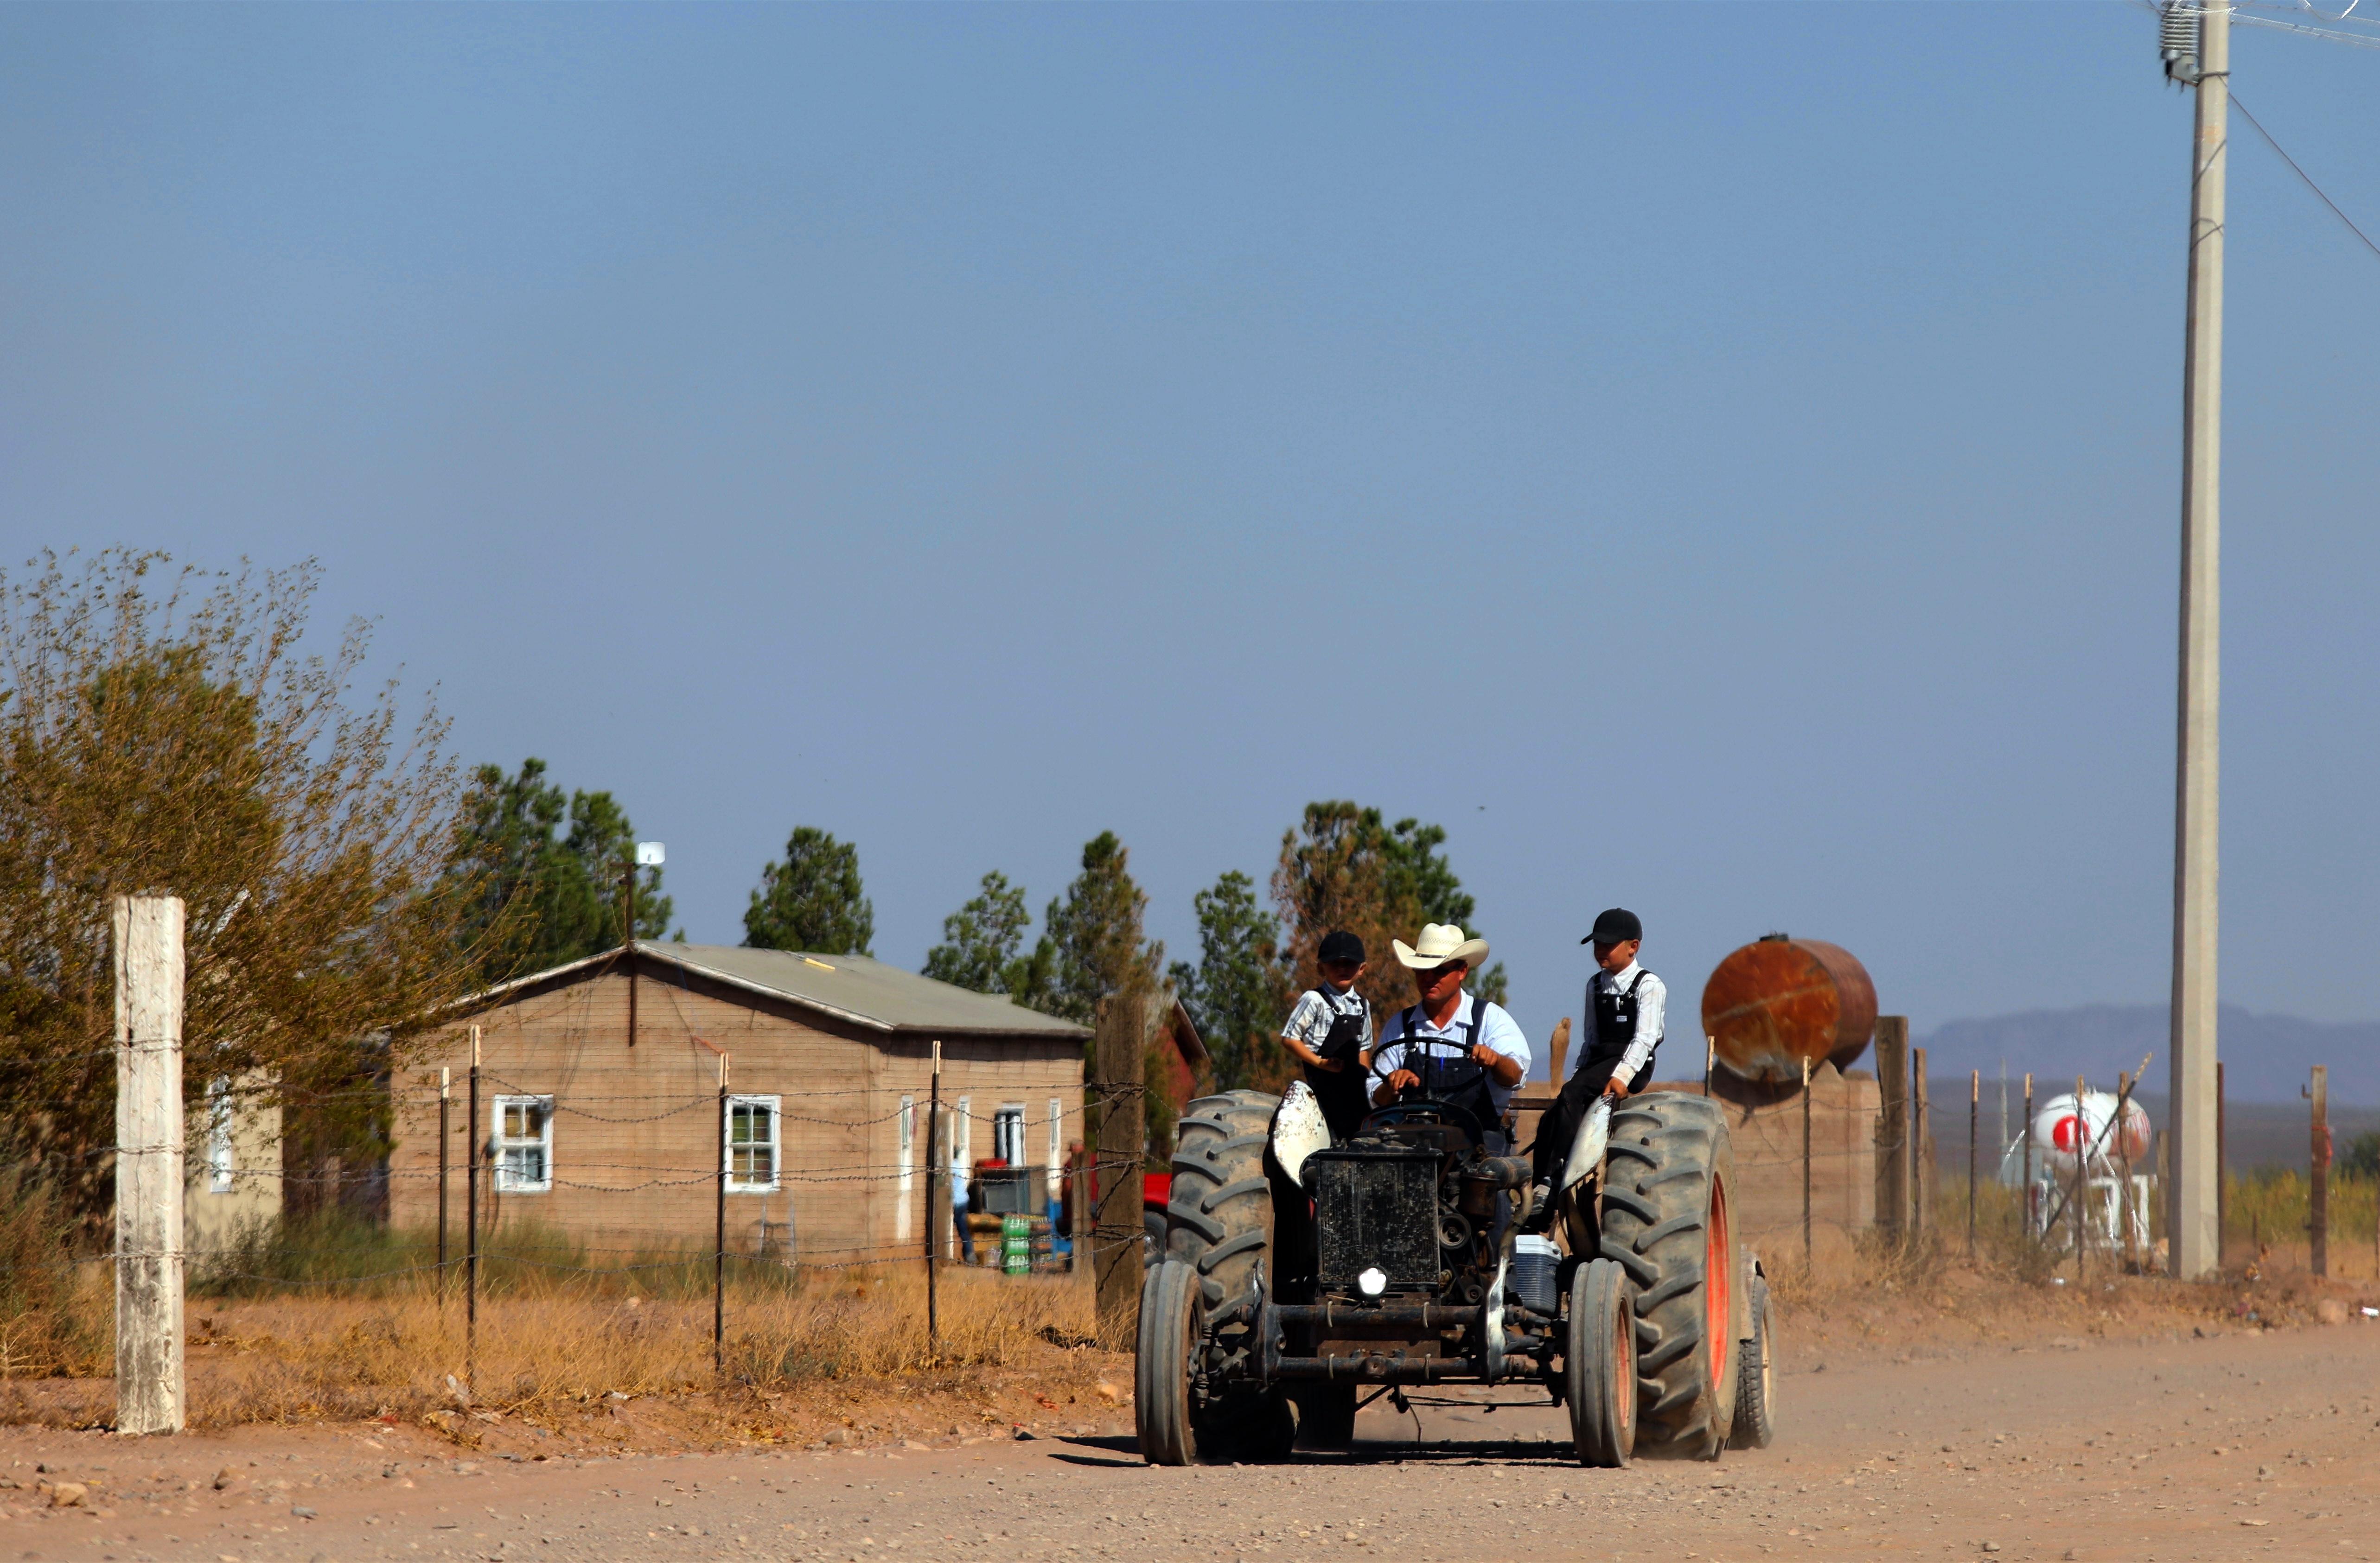 Un hombre menonita conduce un tractor en una comunidad menonita en el municipio de Ascensión, estado de Chihuahua, México, el 26 de septiembre de 2020.